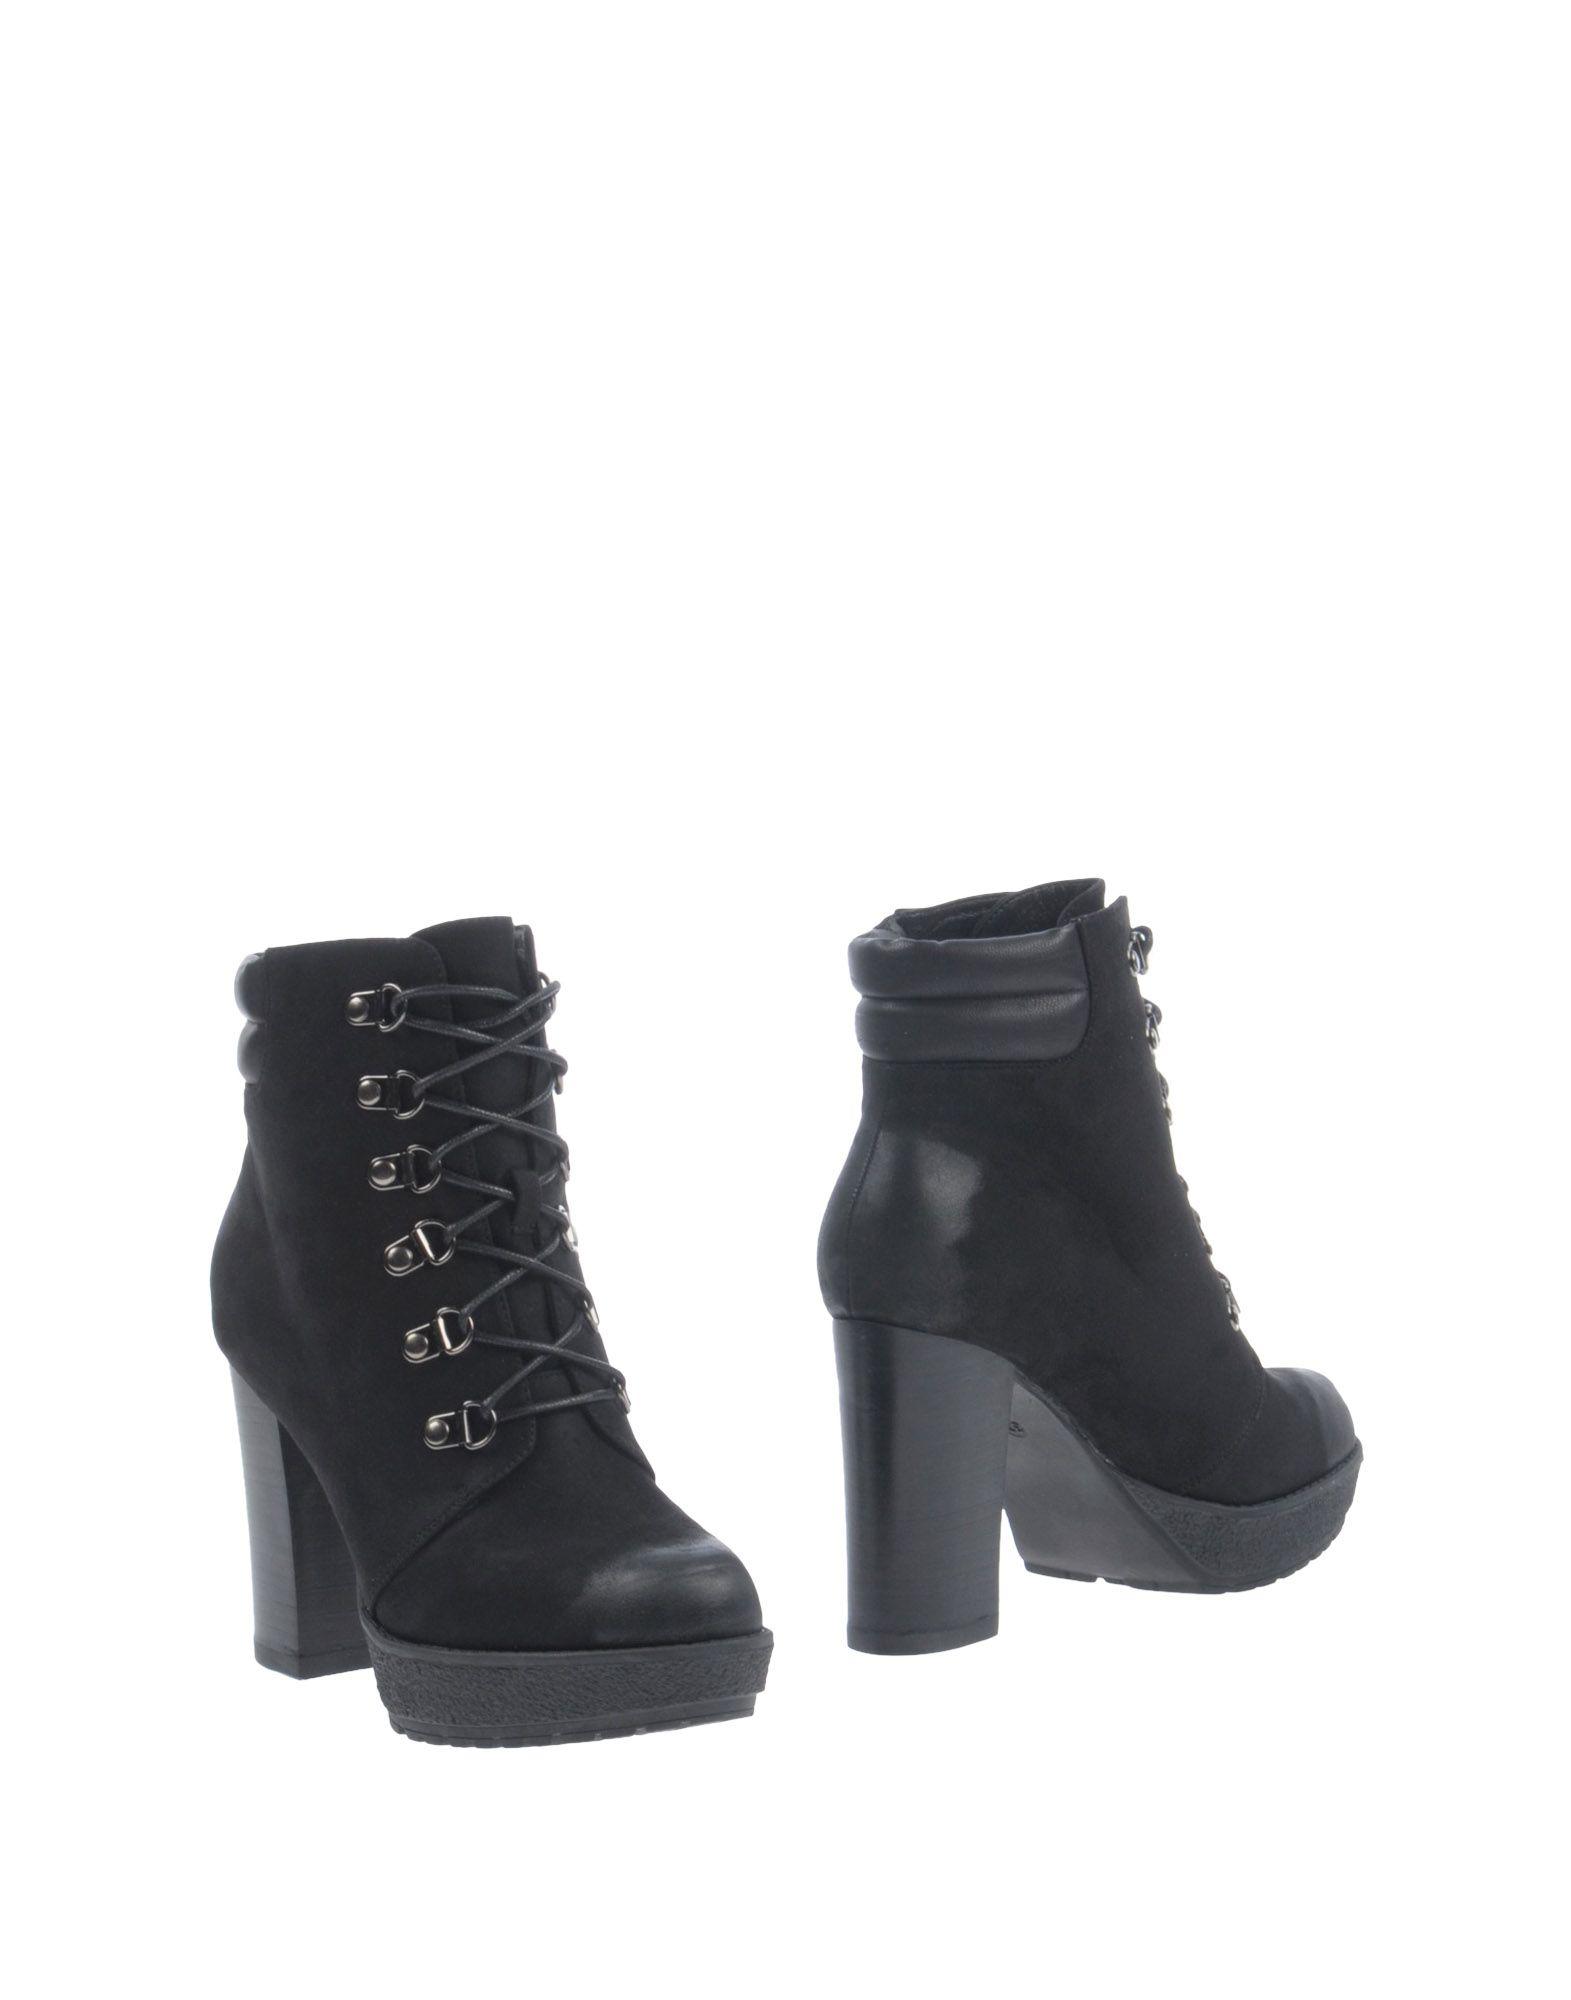 Francesco Milano Stiefelette Damen  11445251WH Gute Qualität beliebte Schuhe